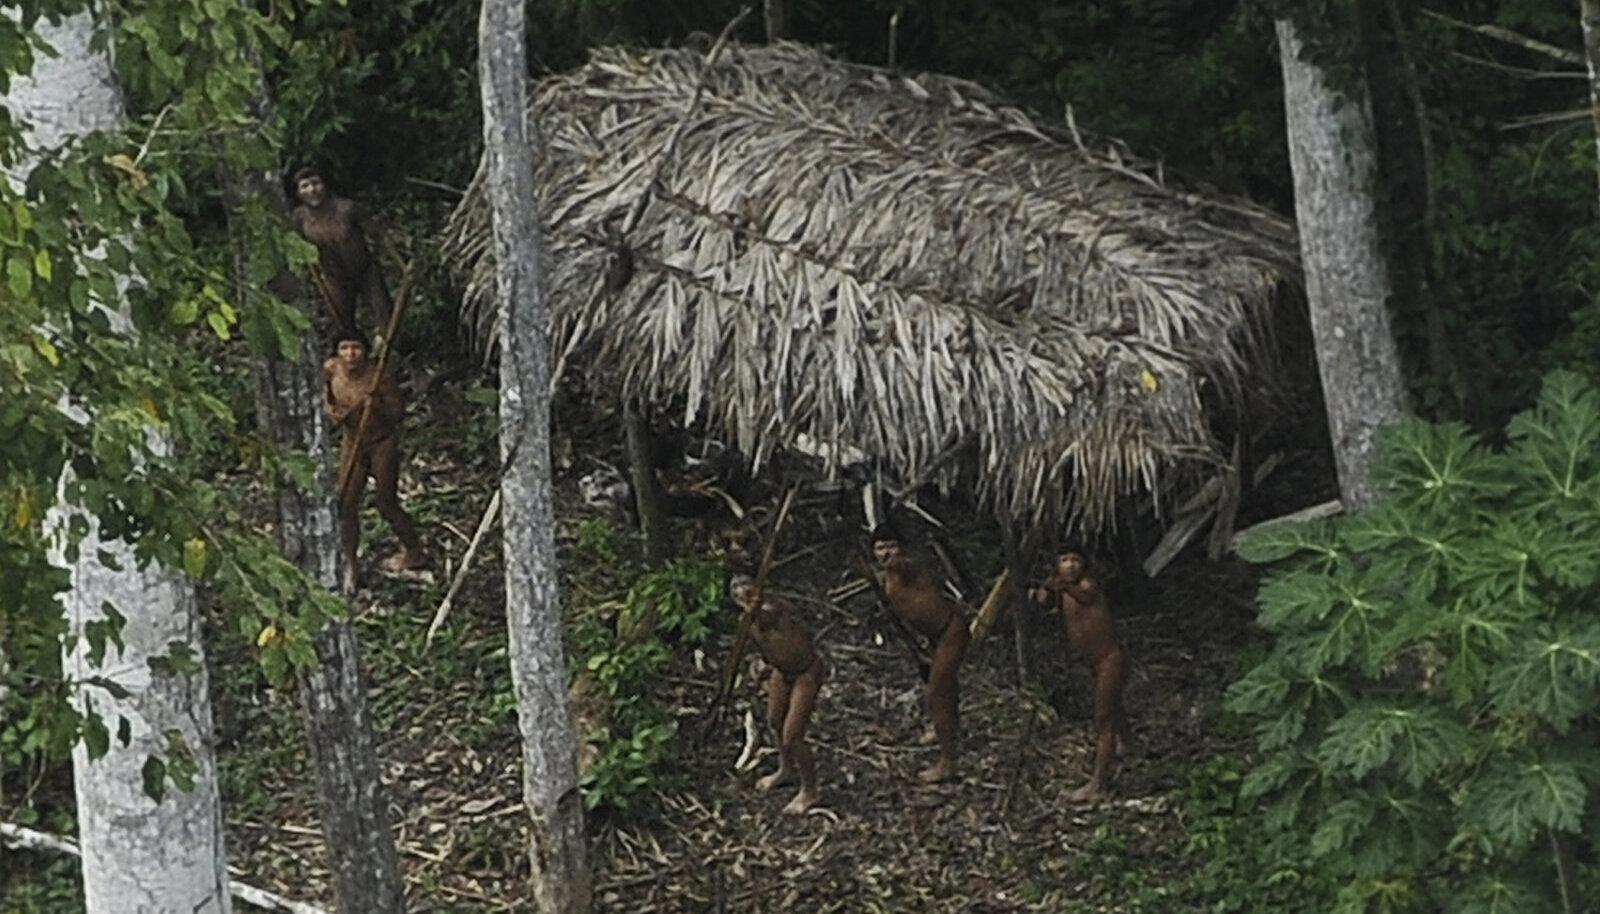 Tänapäeva tsivilisatsioonist puutumata indiaanlased Xinane jõe ääres Brasiilia ja Peruu piiri ligidal.